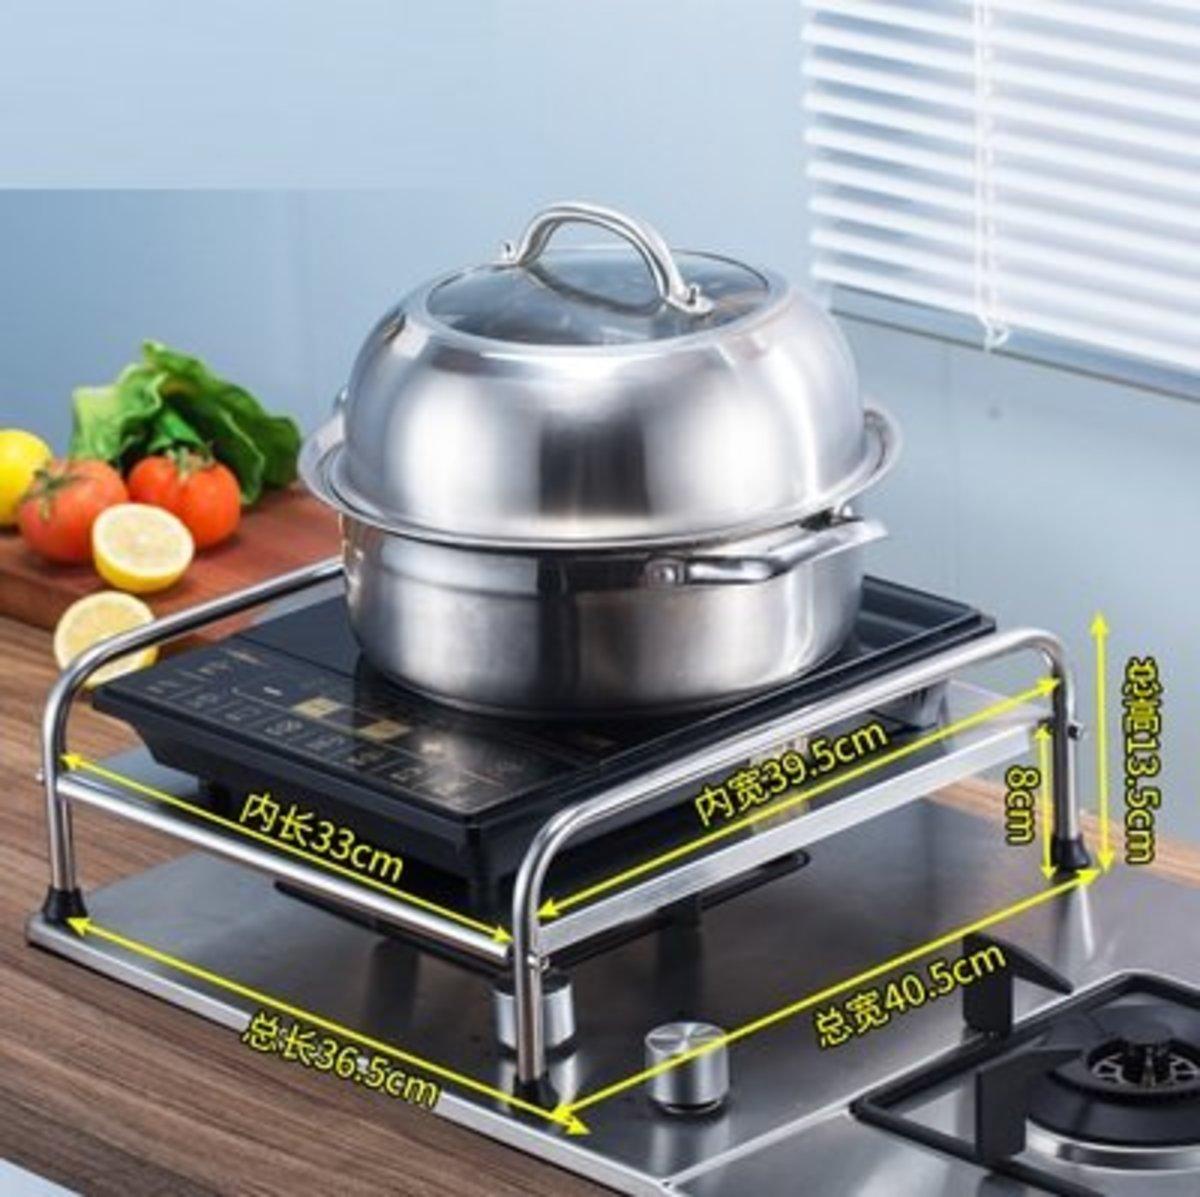 不銹鋼廚房單層置物架電磁爐支架架子 煤氣灶台架燃氣灶蓋板 鍋架 (ZWJC0050)